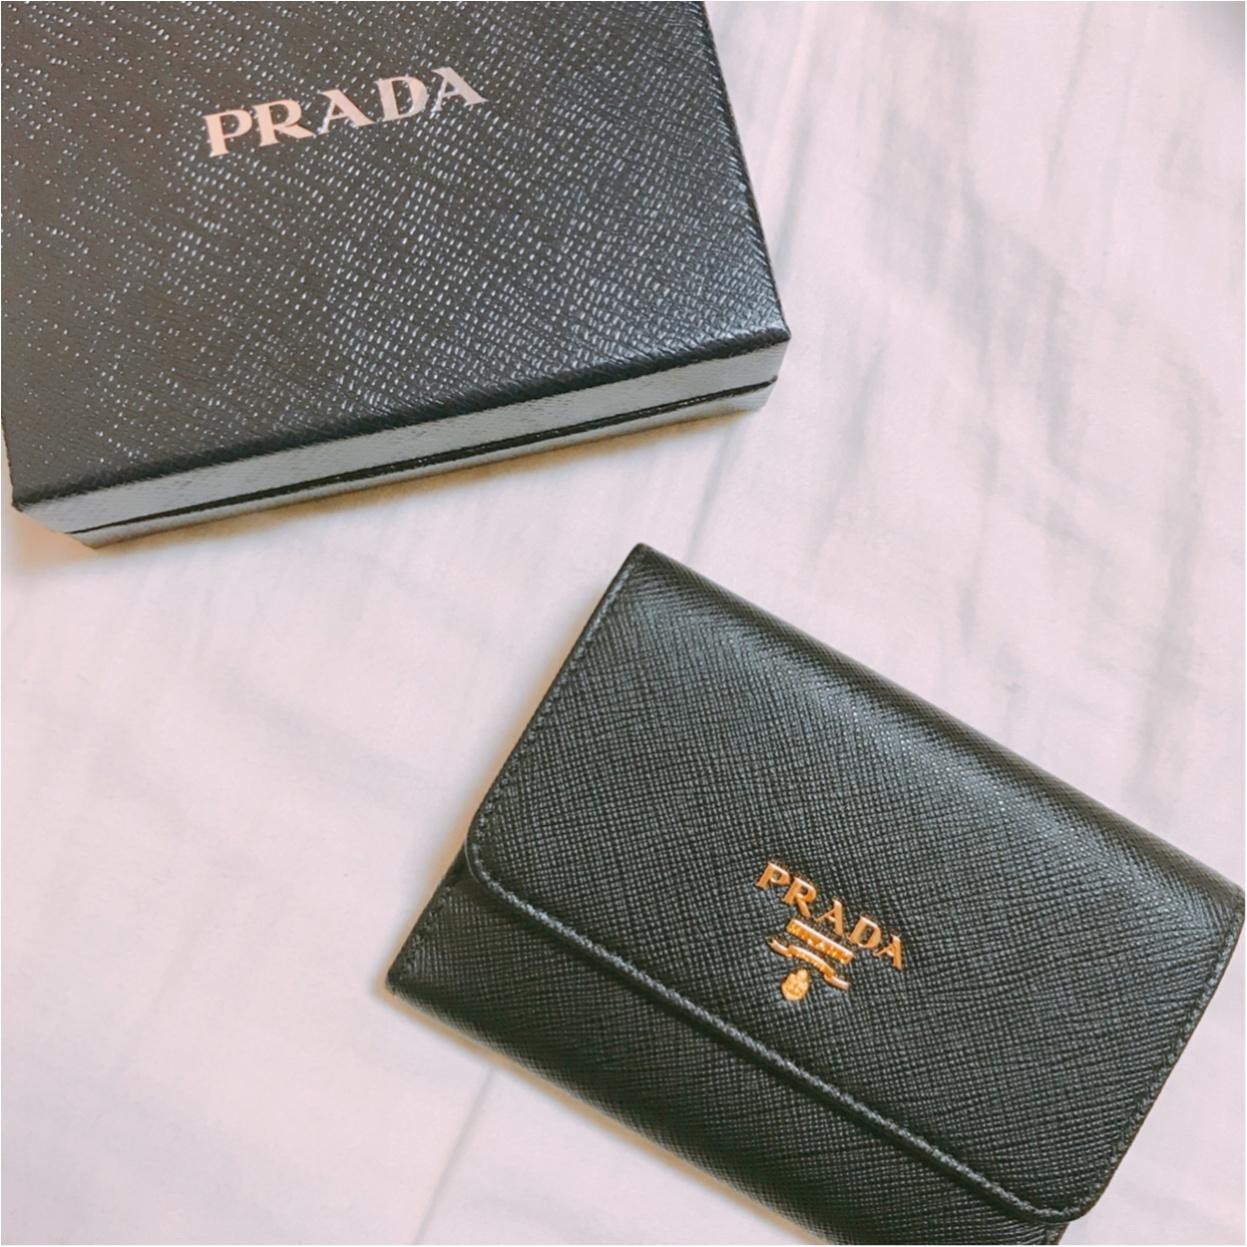 一見シンプル、開けたら可愛い♡【PRADA】で出会った新しいお財布!_2